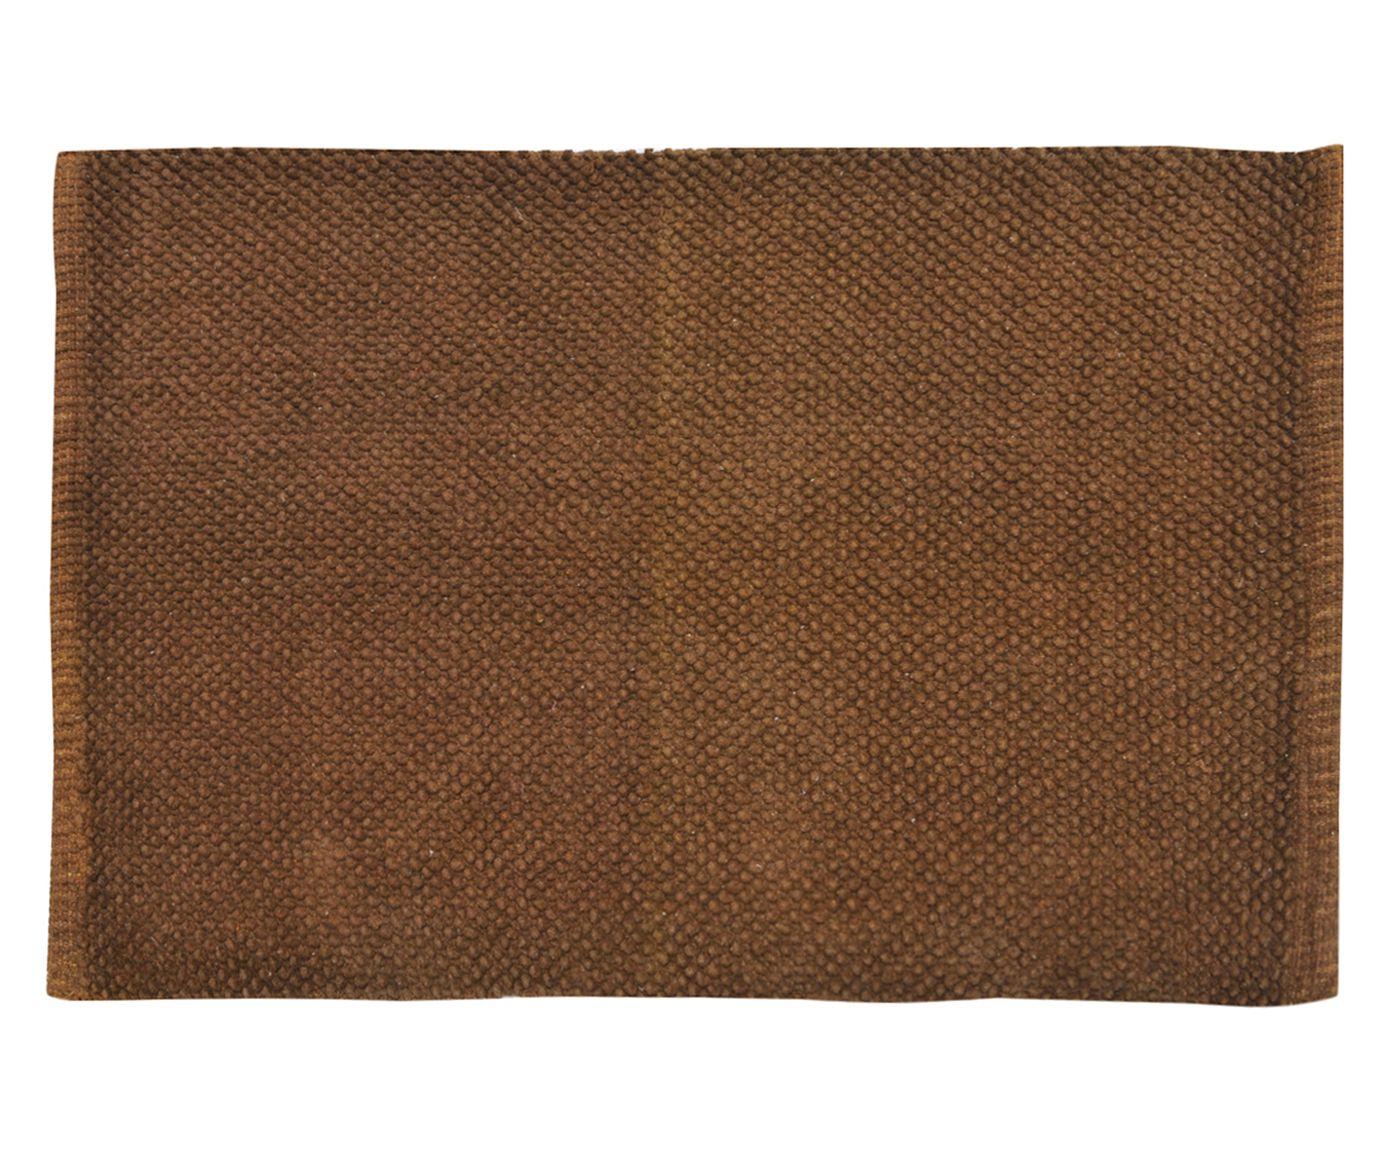 Tapete Indiano Saraswati Marrom - 60x90cm | Westwing.com.br